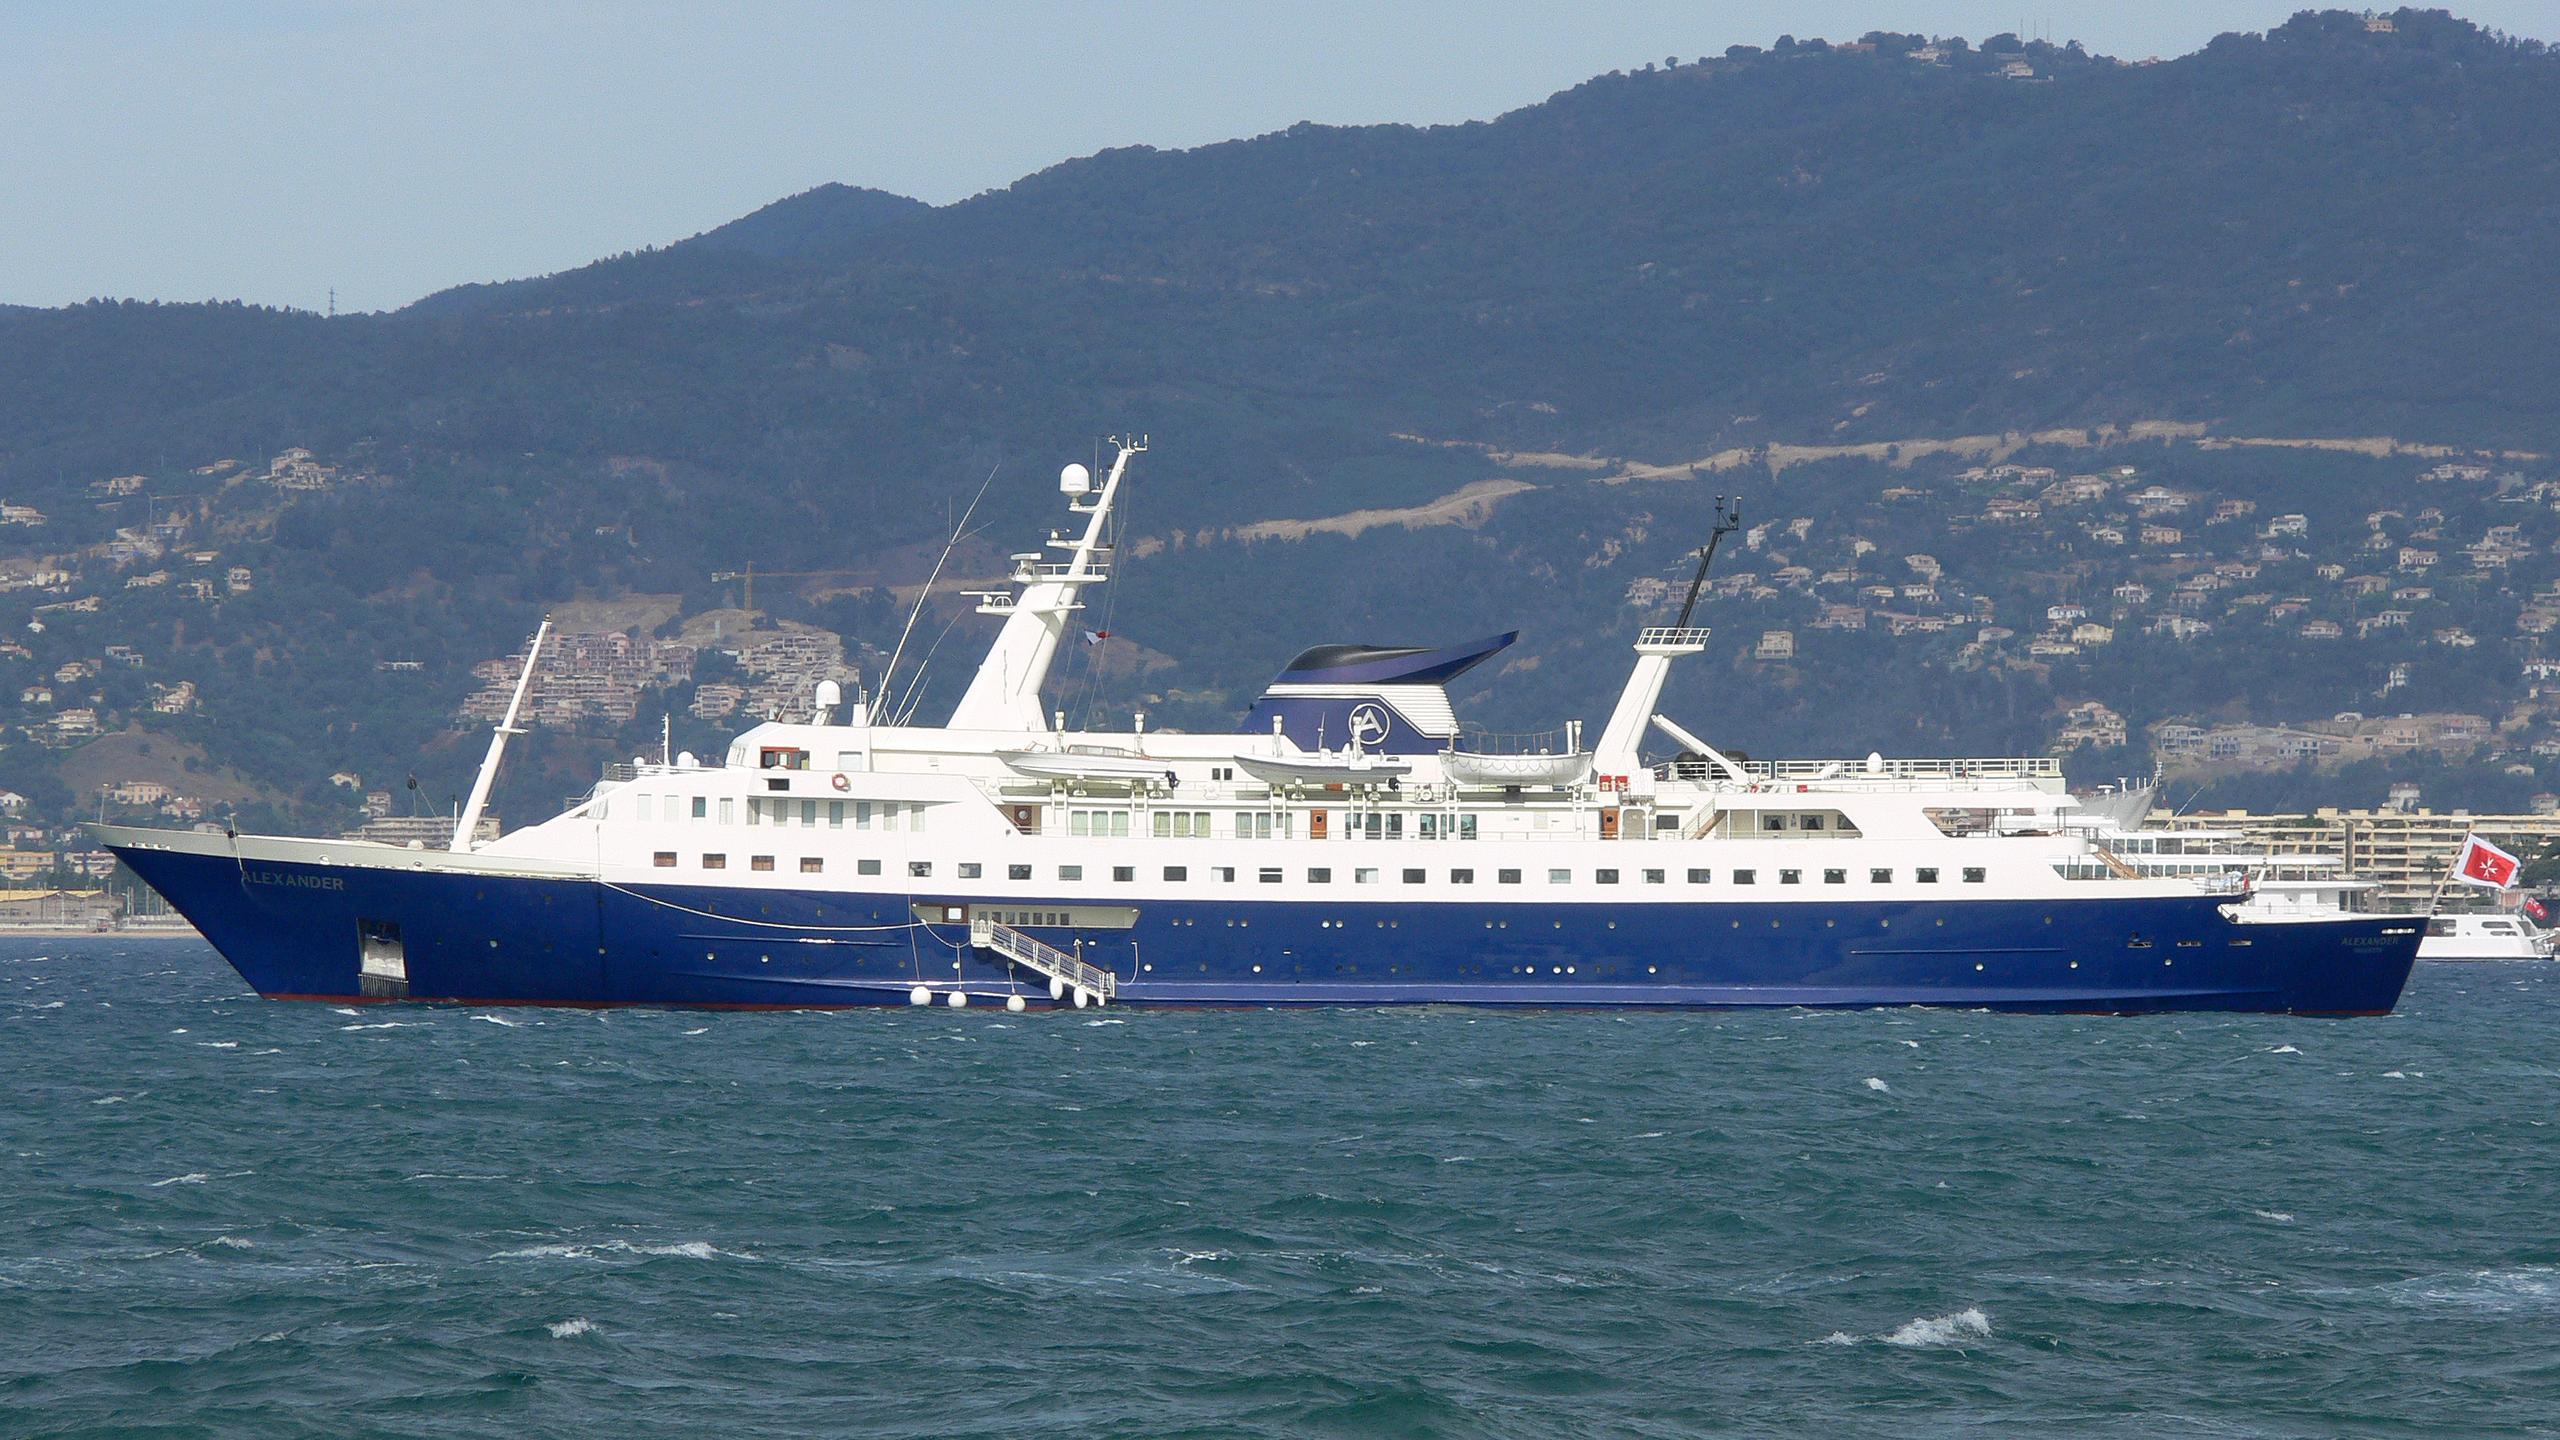 alexander-motor-yacht-lubecker-flender-werke-1965-122m-profile